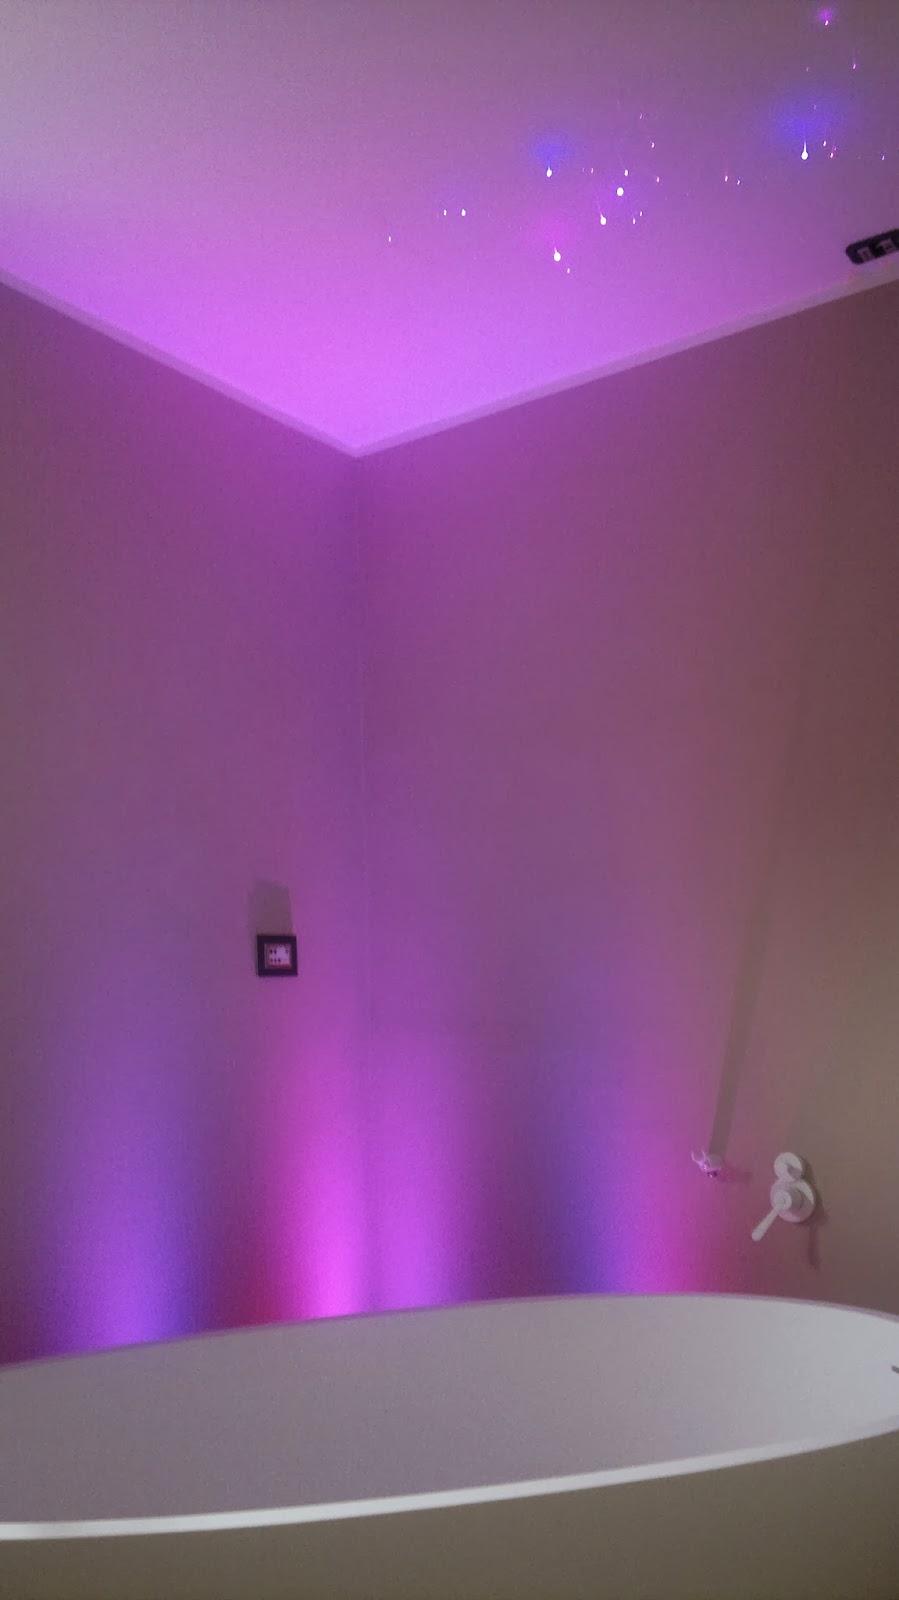 Popolare Illuminazione Led casa: Illuminare con le Fibre Ottiche, Fibra  FJ19